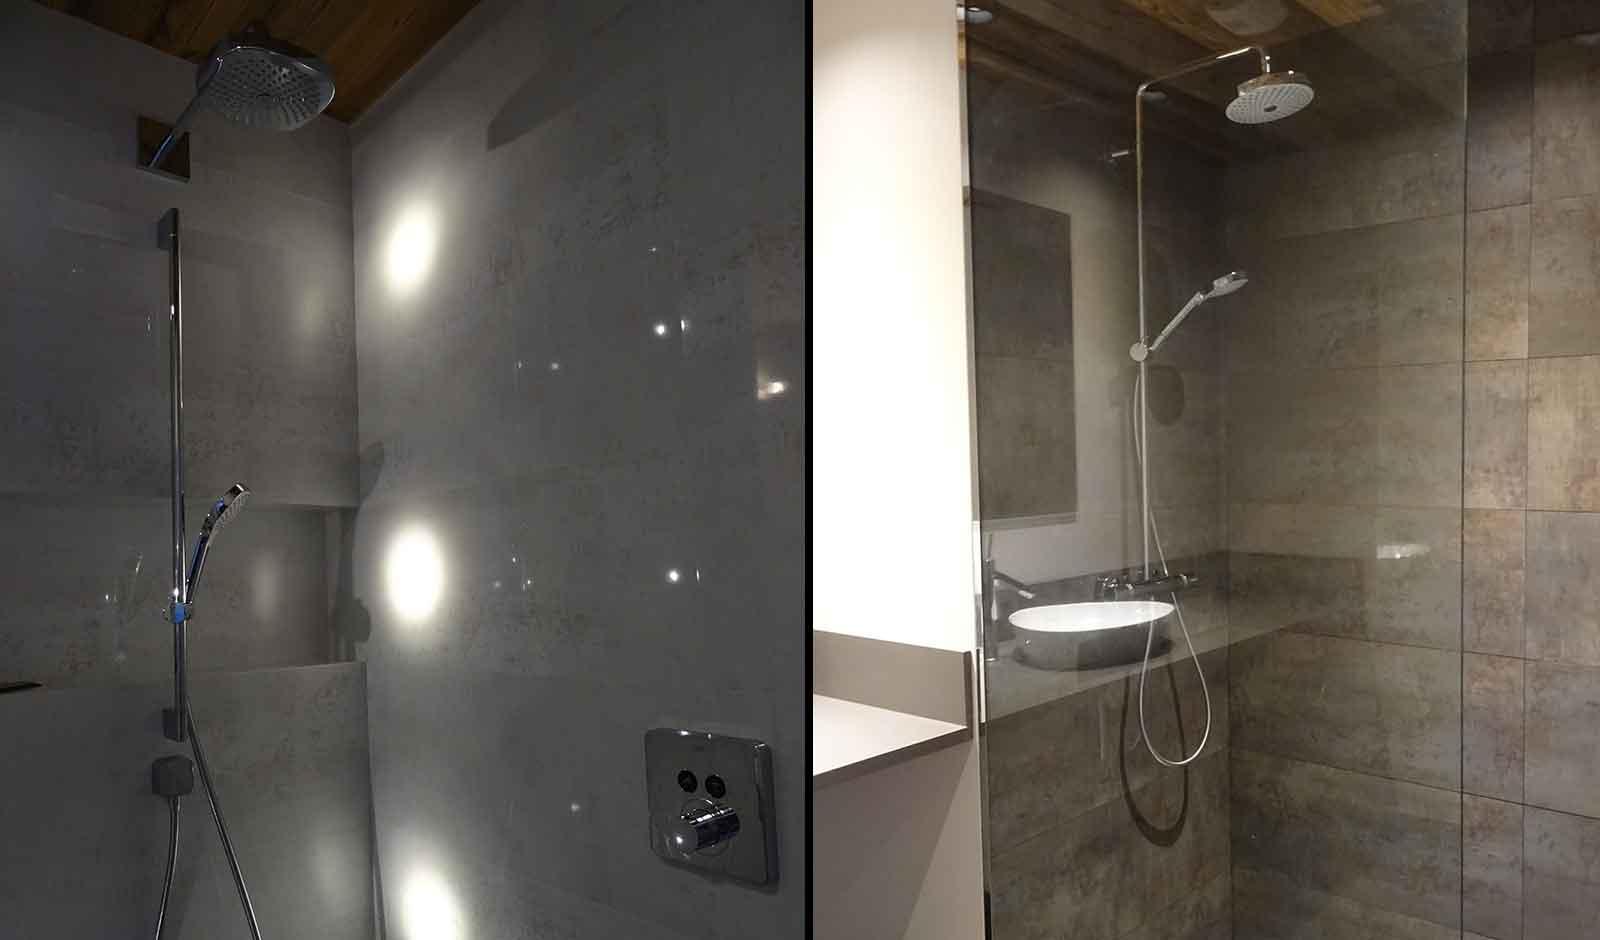 chalet-charlie-11-atelier-crea-and-co-architecte-design-project-manager-meribel-savoie